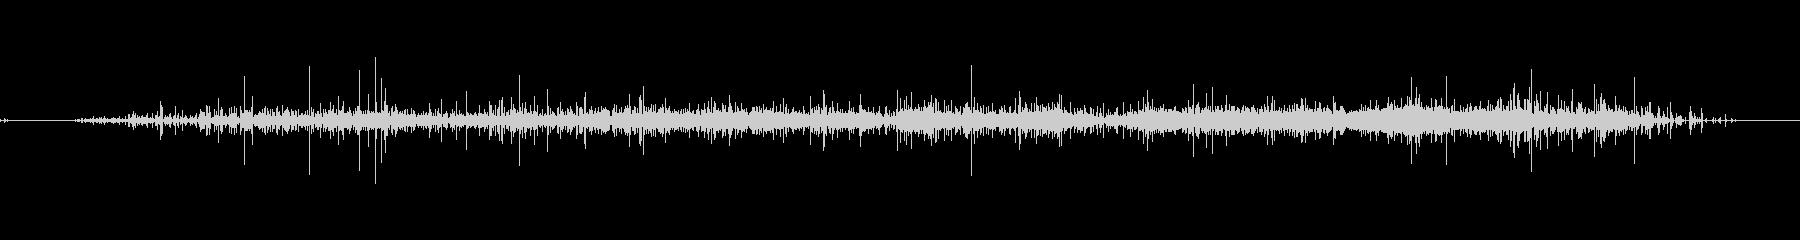 レインスティックスロー01の未再生の波形